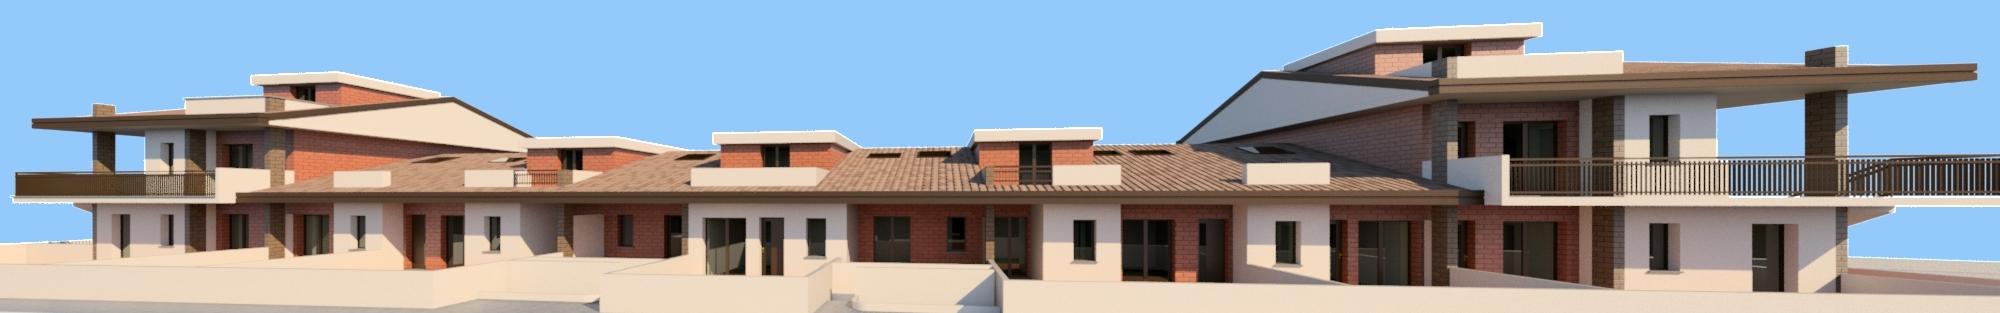 Raas-rendering20141110-12797-1u7z16b